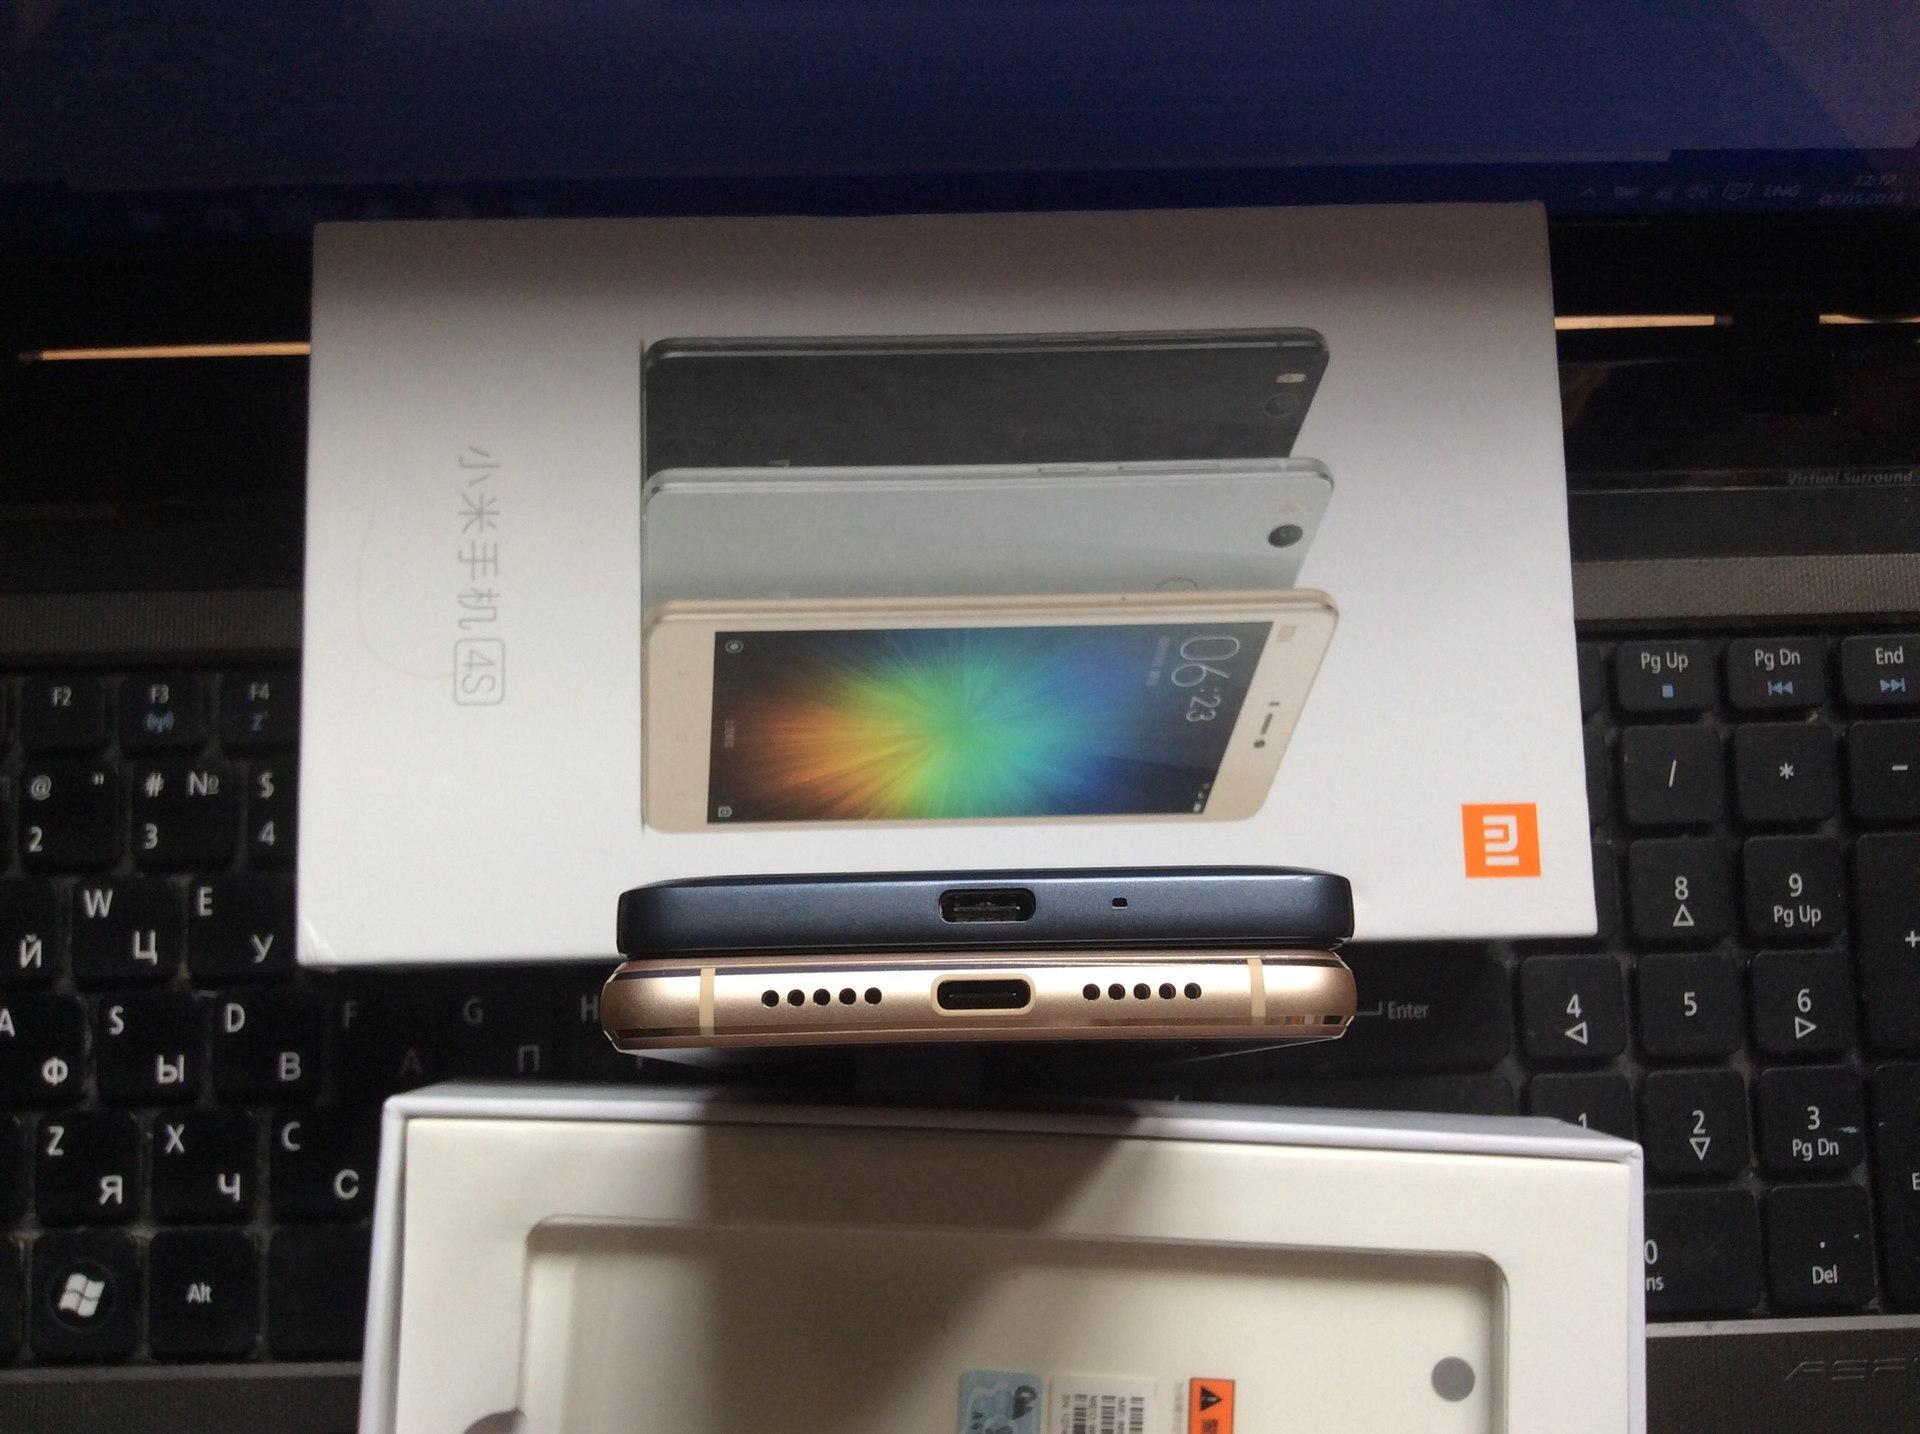 Тест-драйв нового смартфона Xiaomi или Как наэкономить на бесплатный Xiaomi Mi4S? - 4